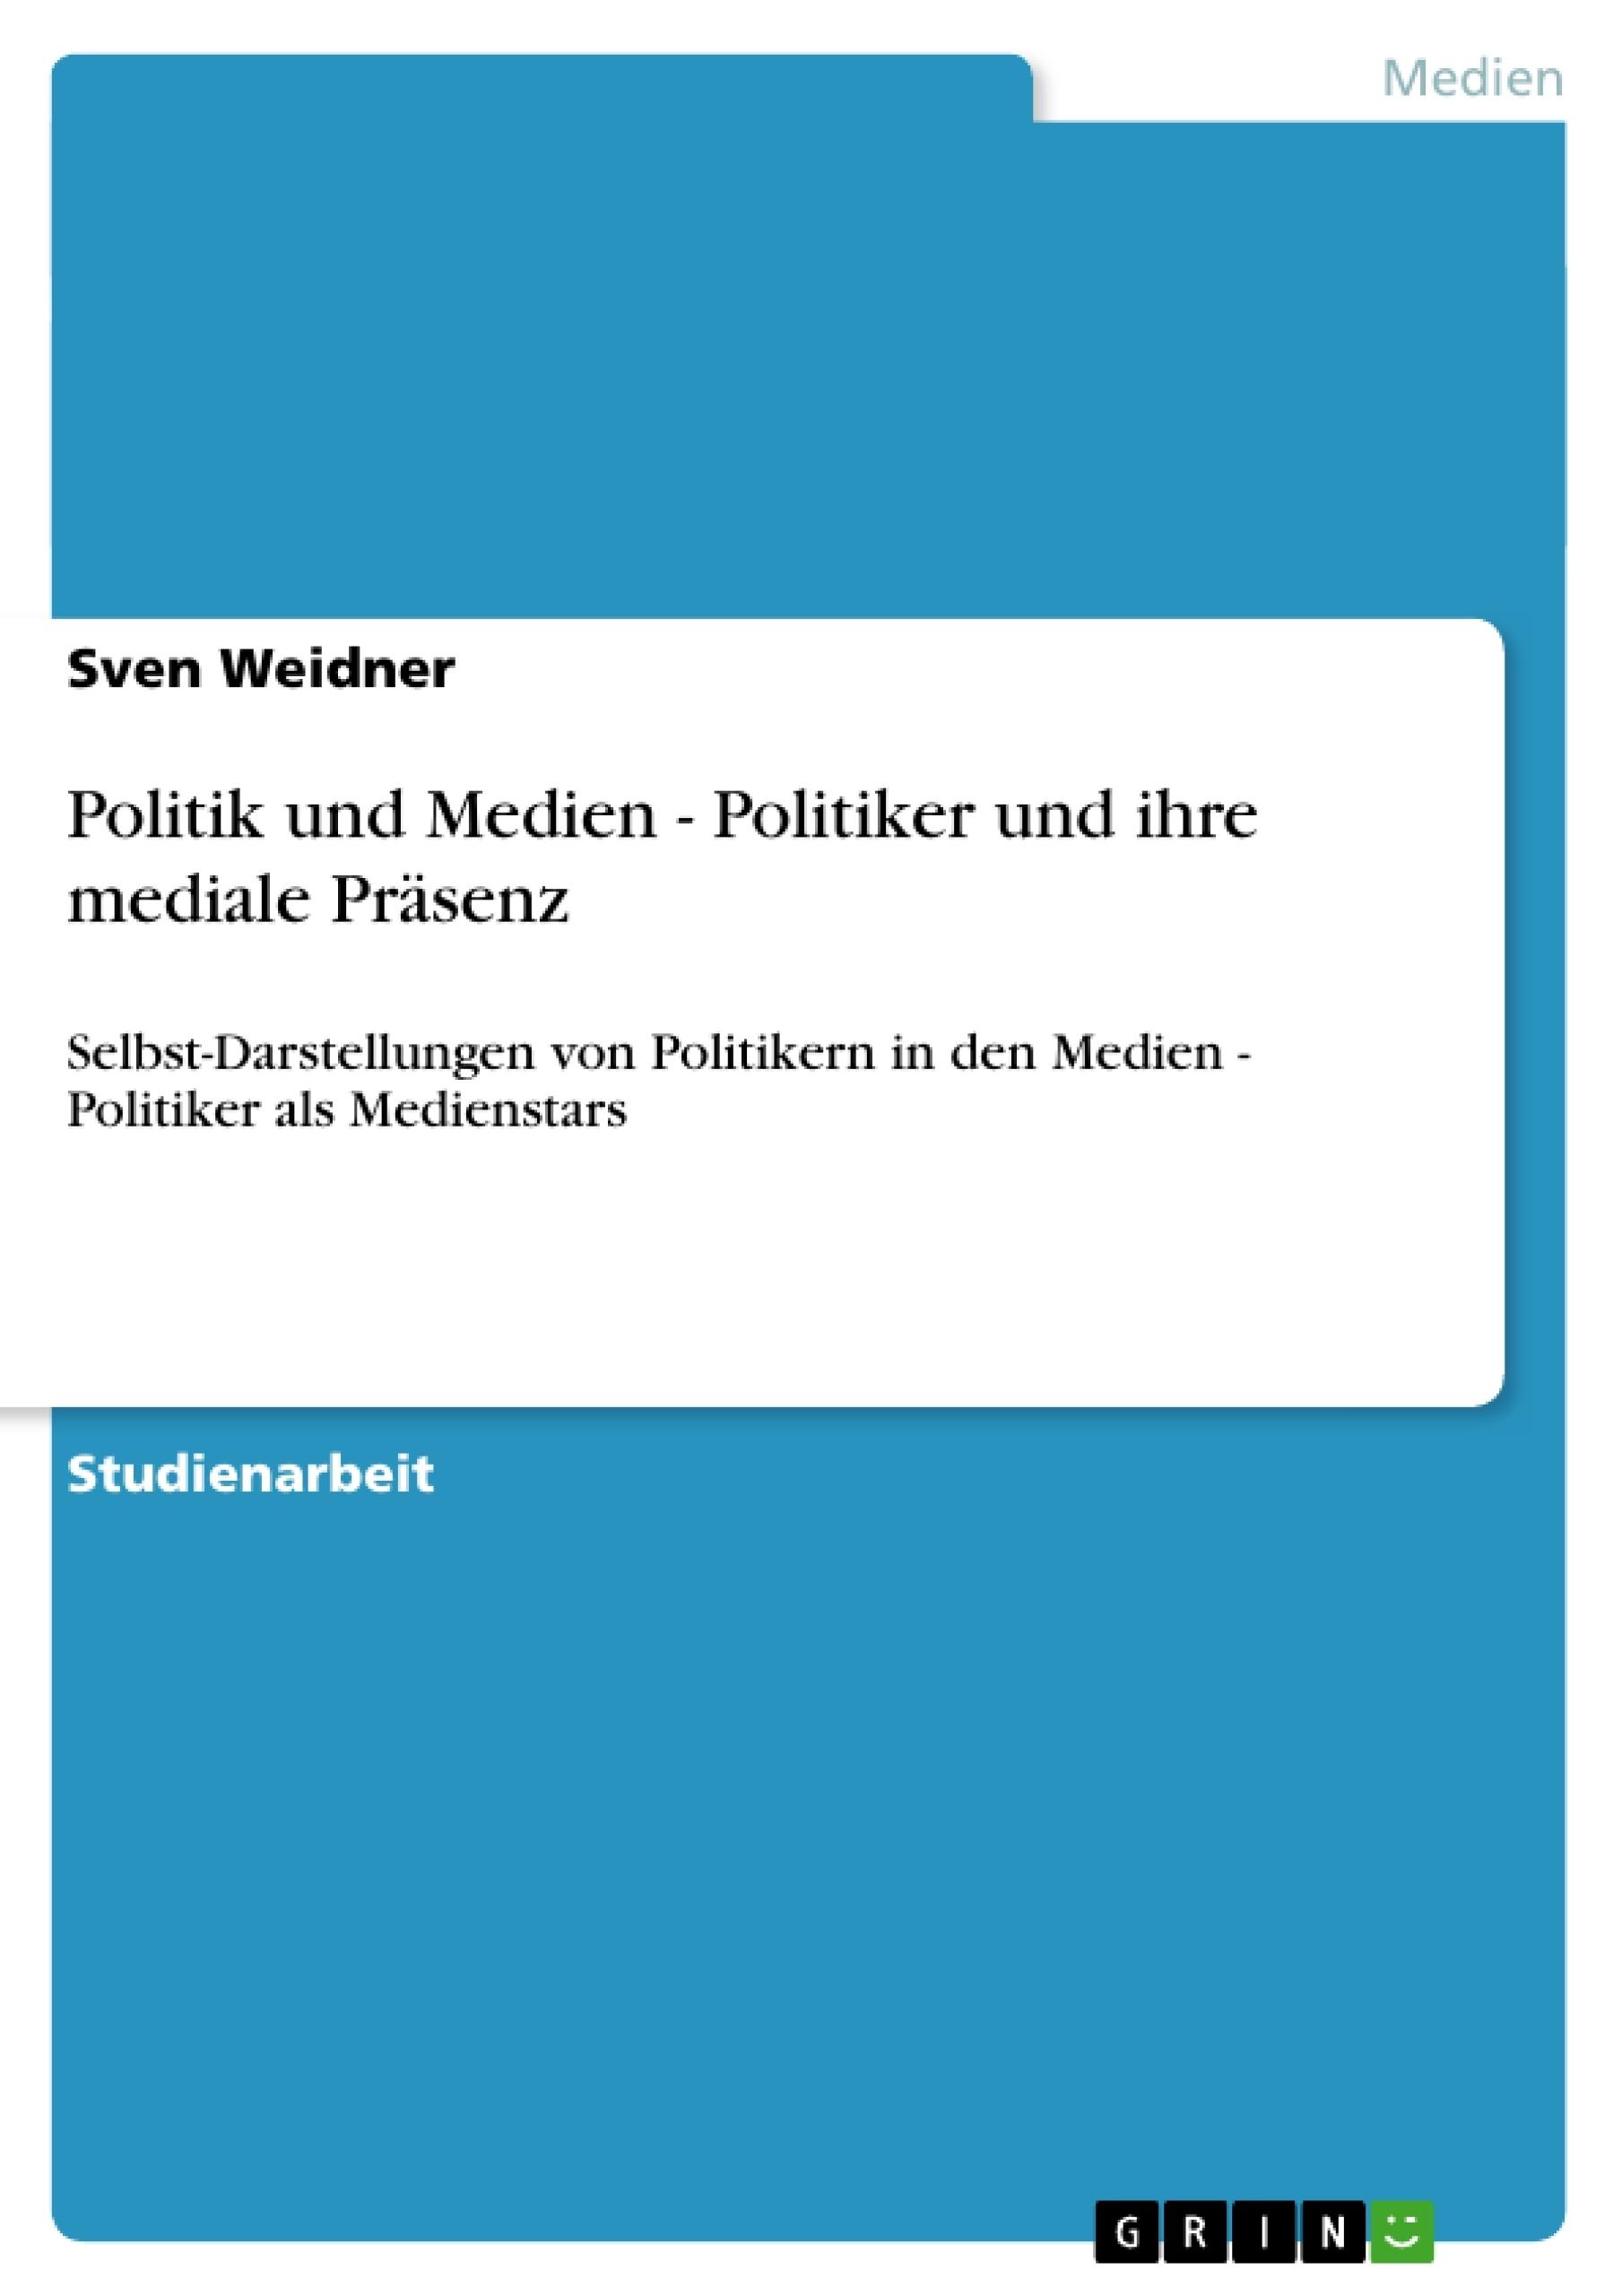 Titel: Politik und Medien - Politiker und ihre mediale Präsenz